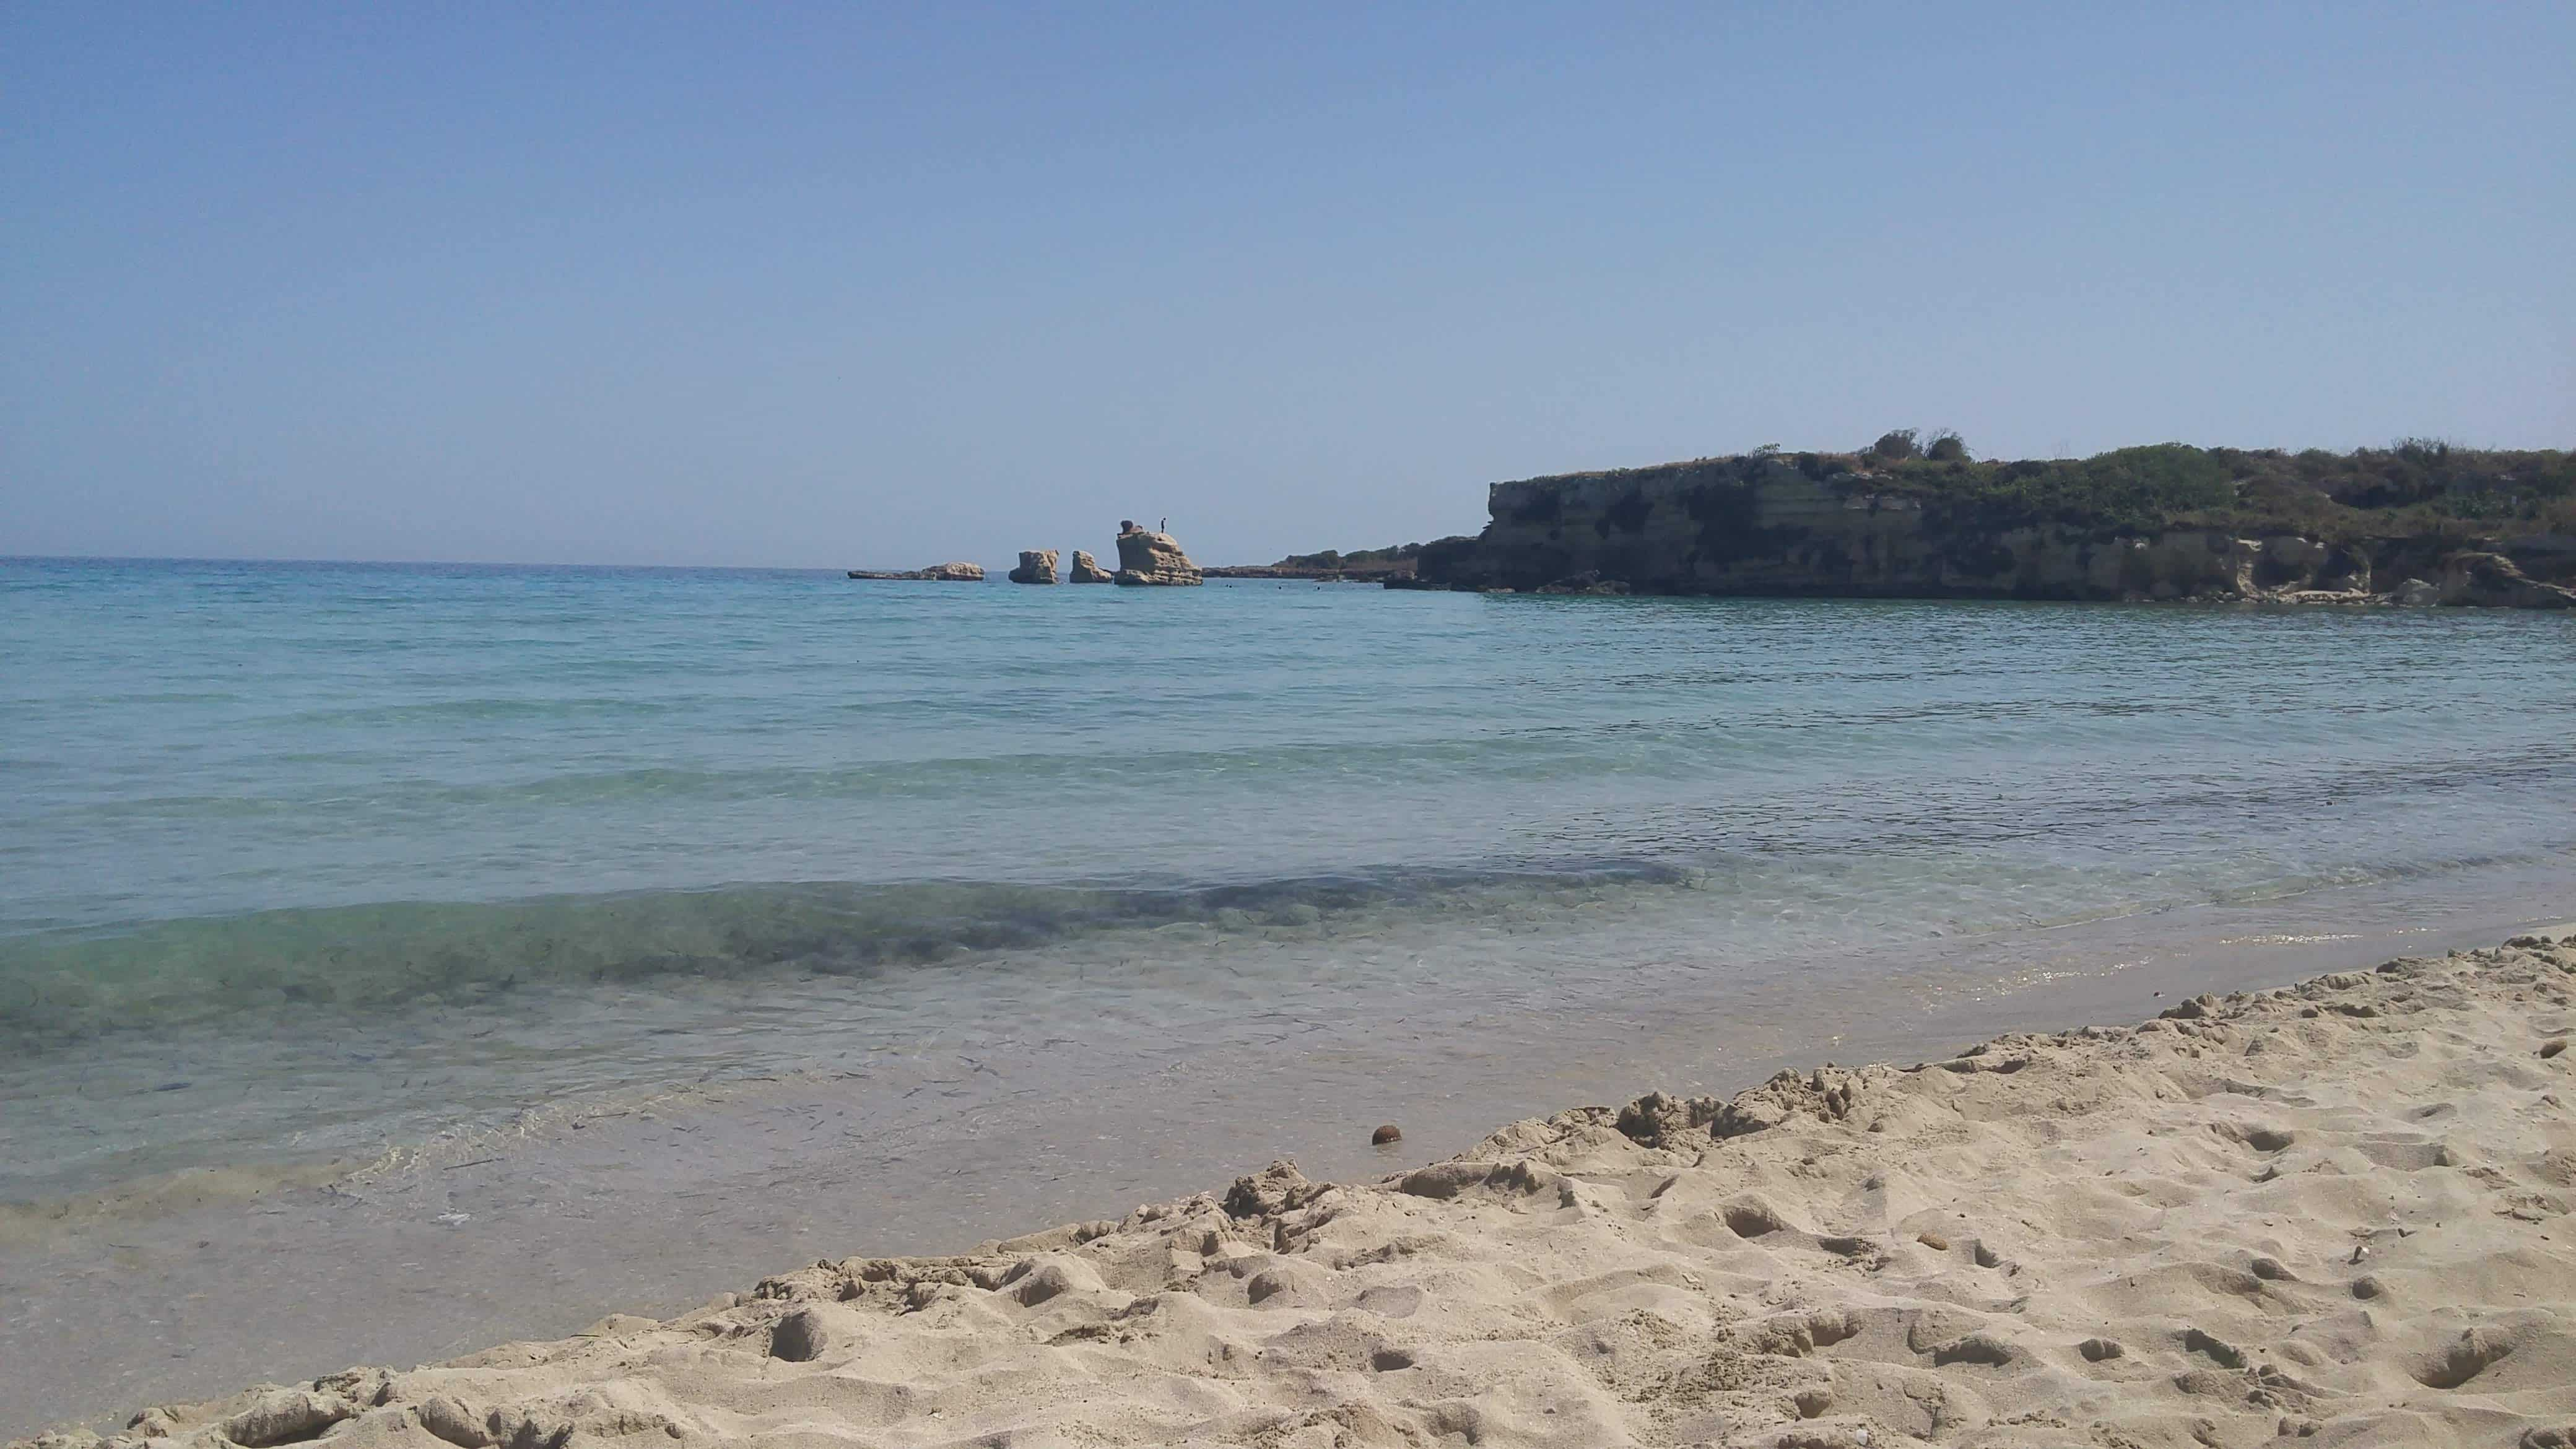 fontane bianche, spiaggi e mare in Sicilia a Siracusa